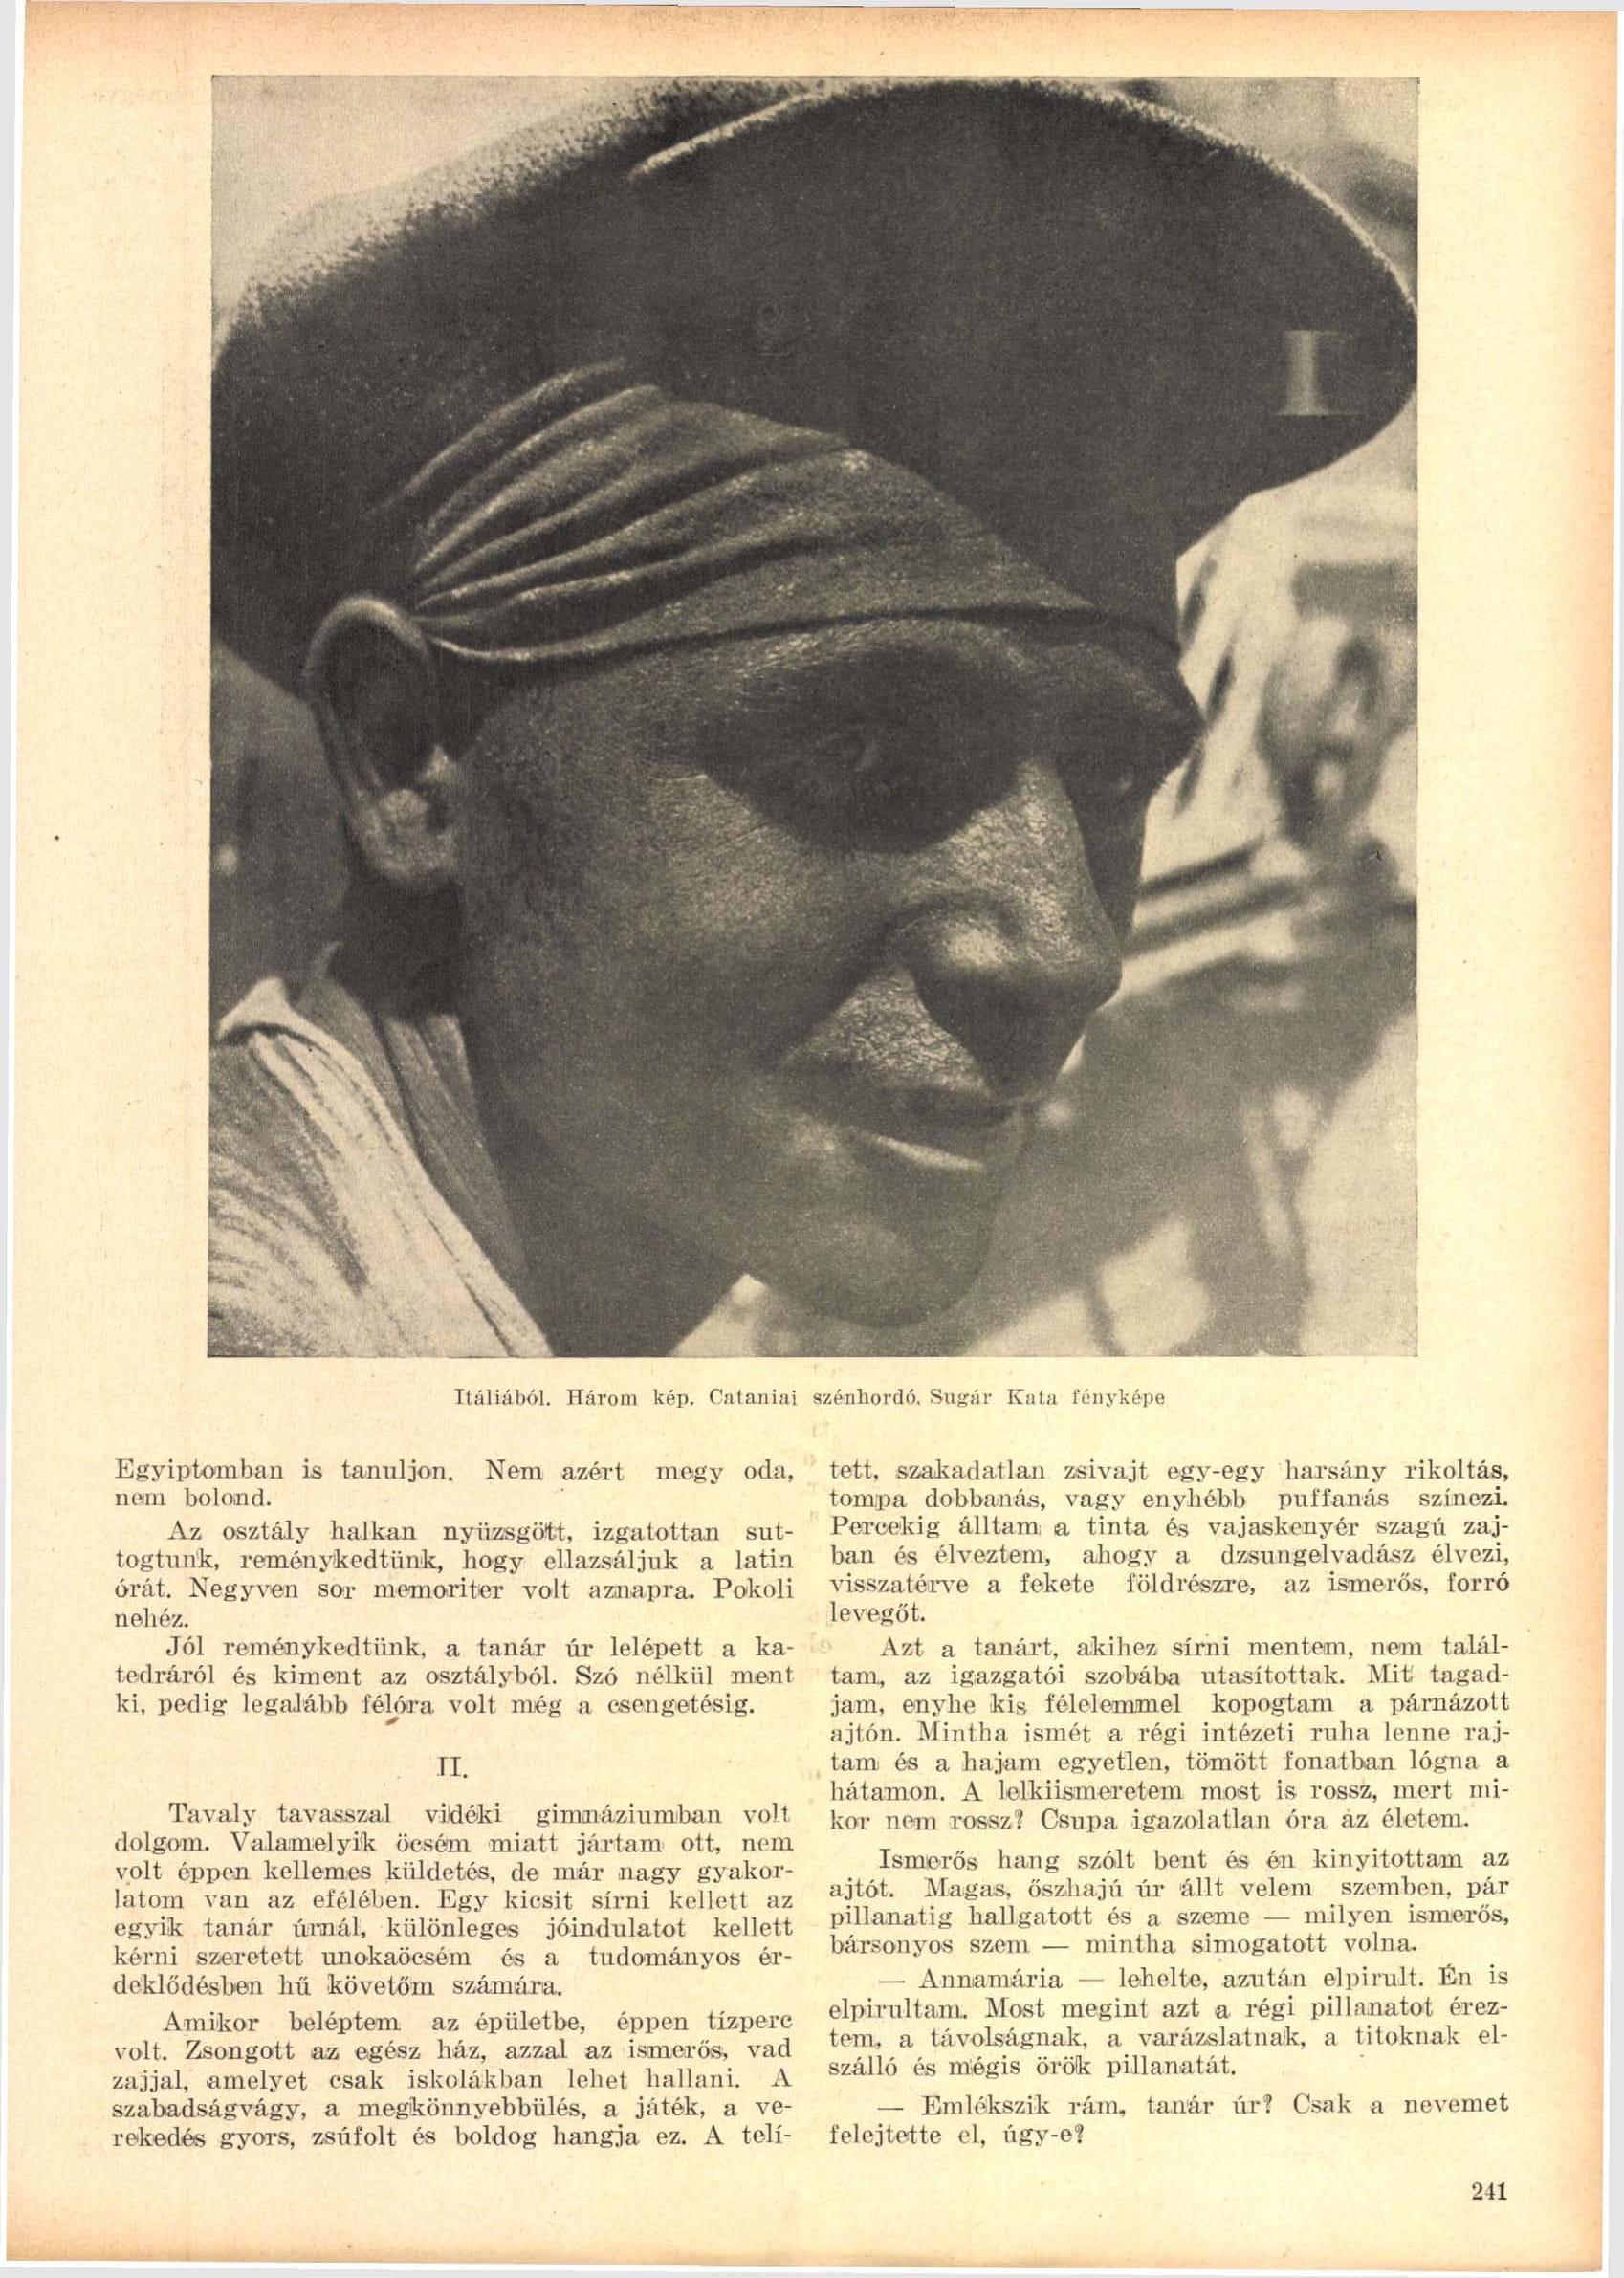 Fotó: Sugár Kata: Cataniai szénhordó<br />Megjelent: Új Idők, 1941. 2.<br />Forrás: adtplus.arcanum.hu